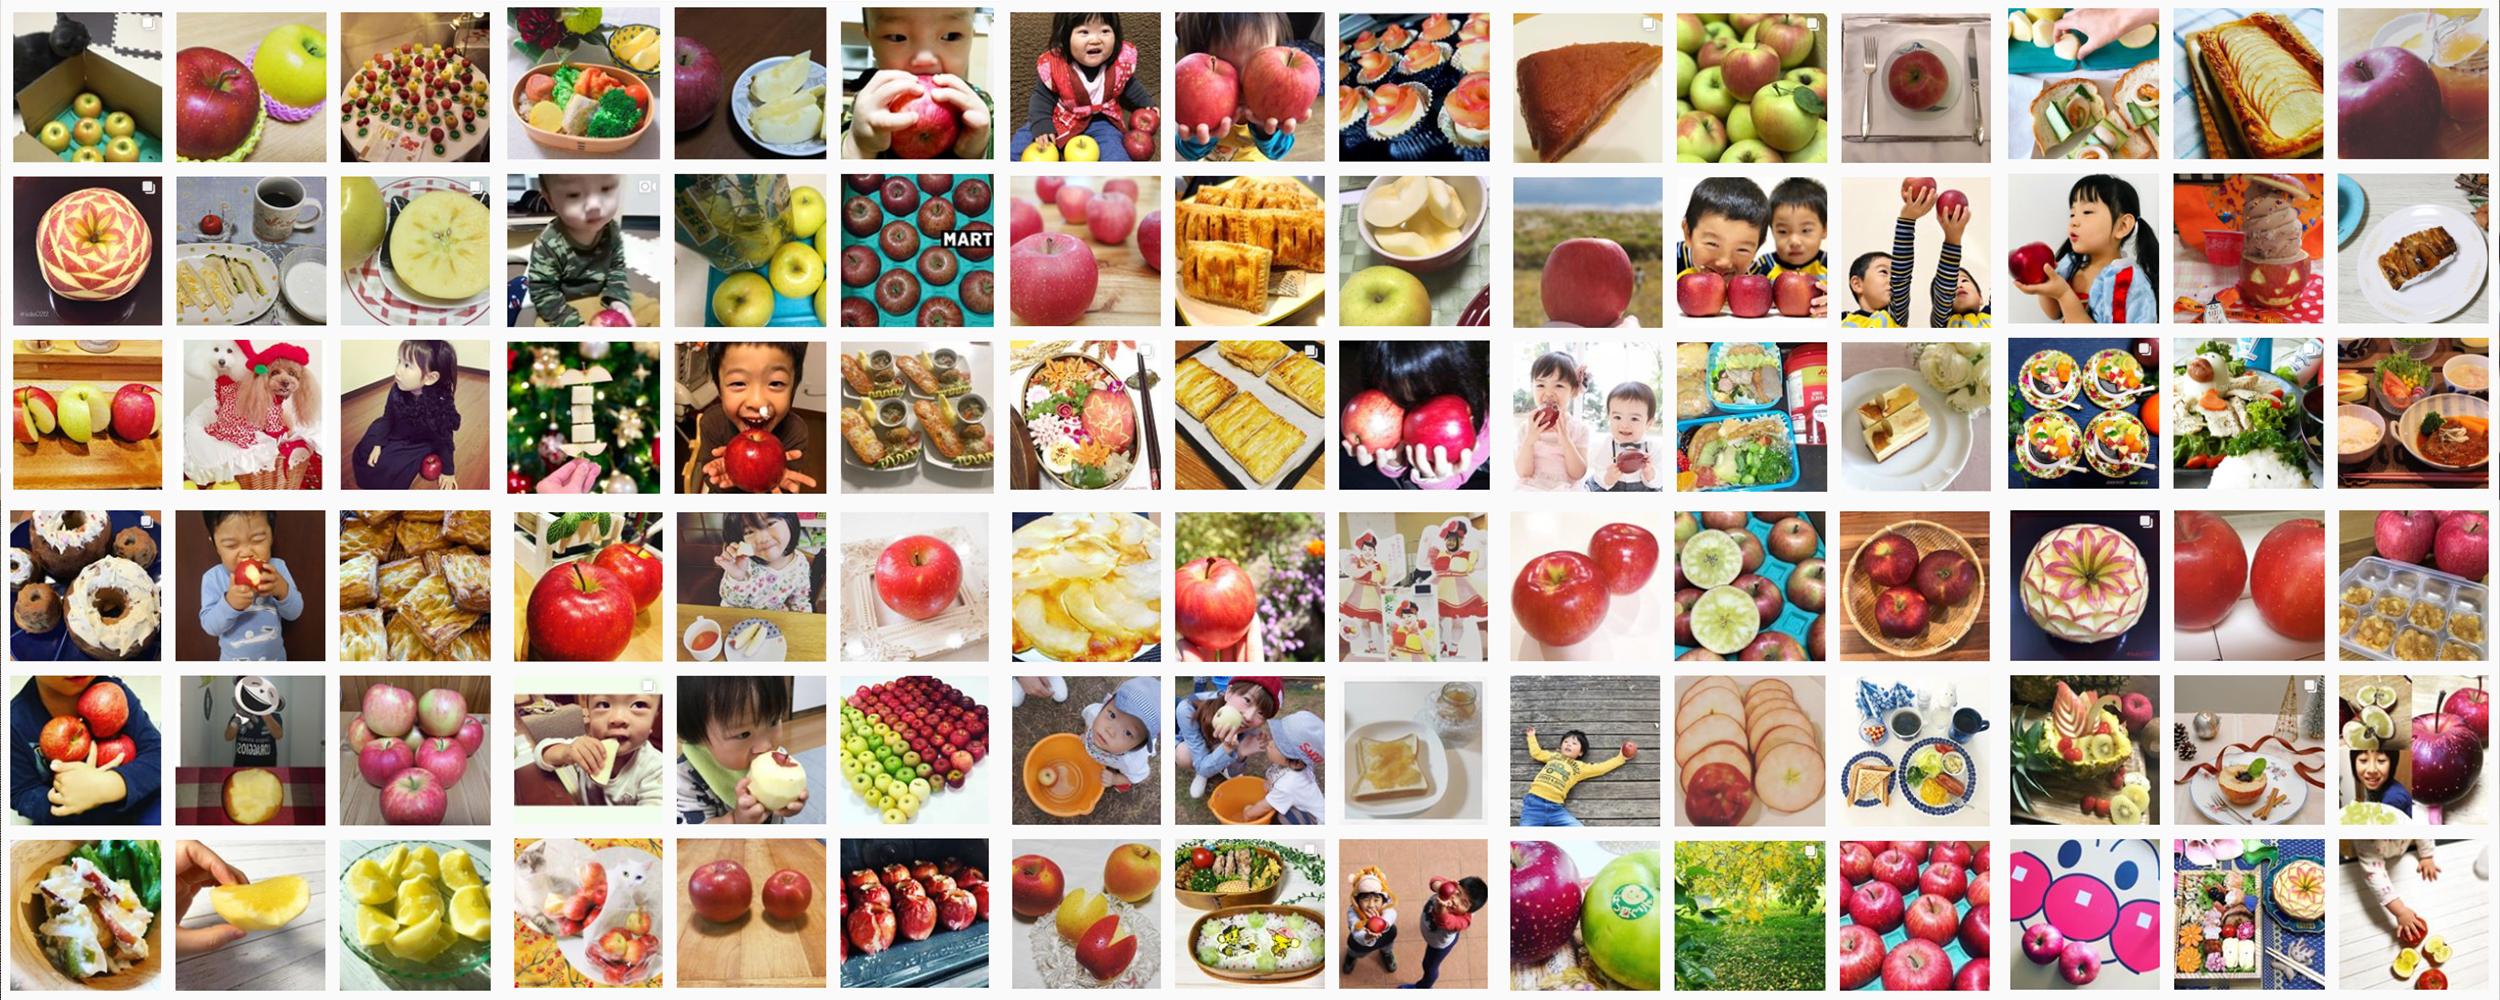 私の美活は食べるだけ青森りんごキャンペーン11月結果